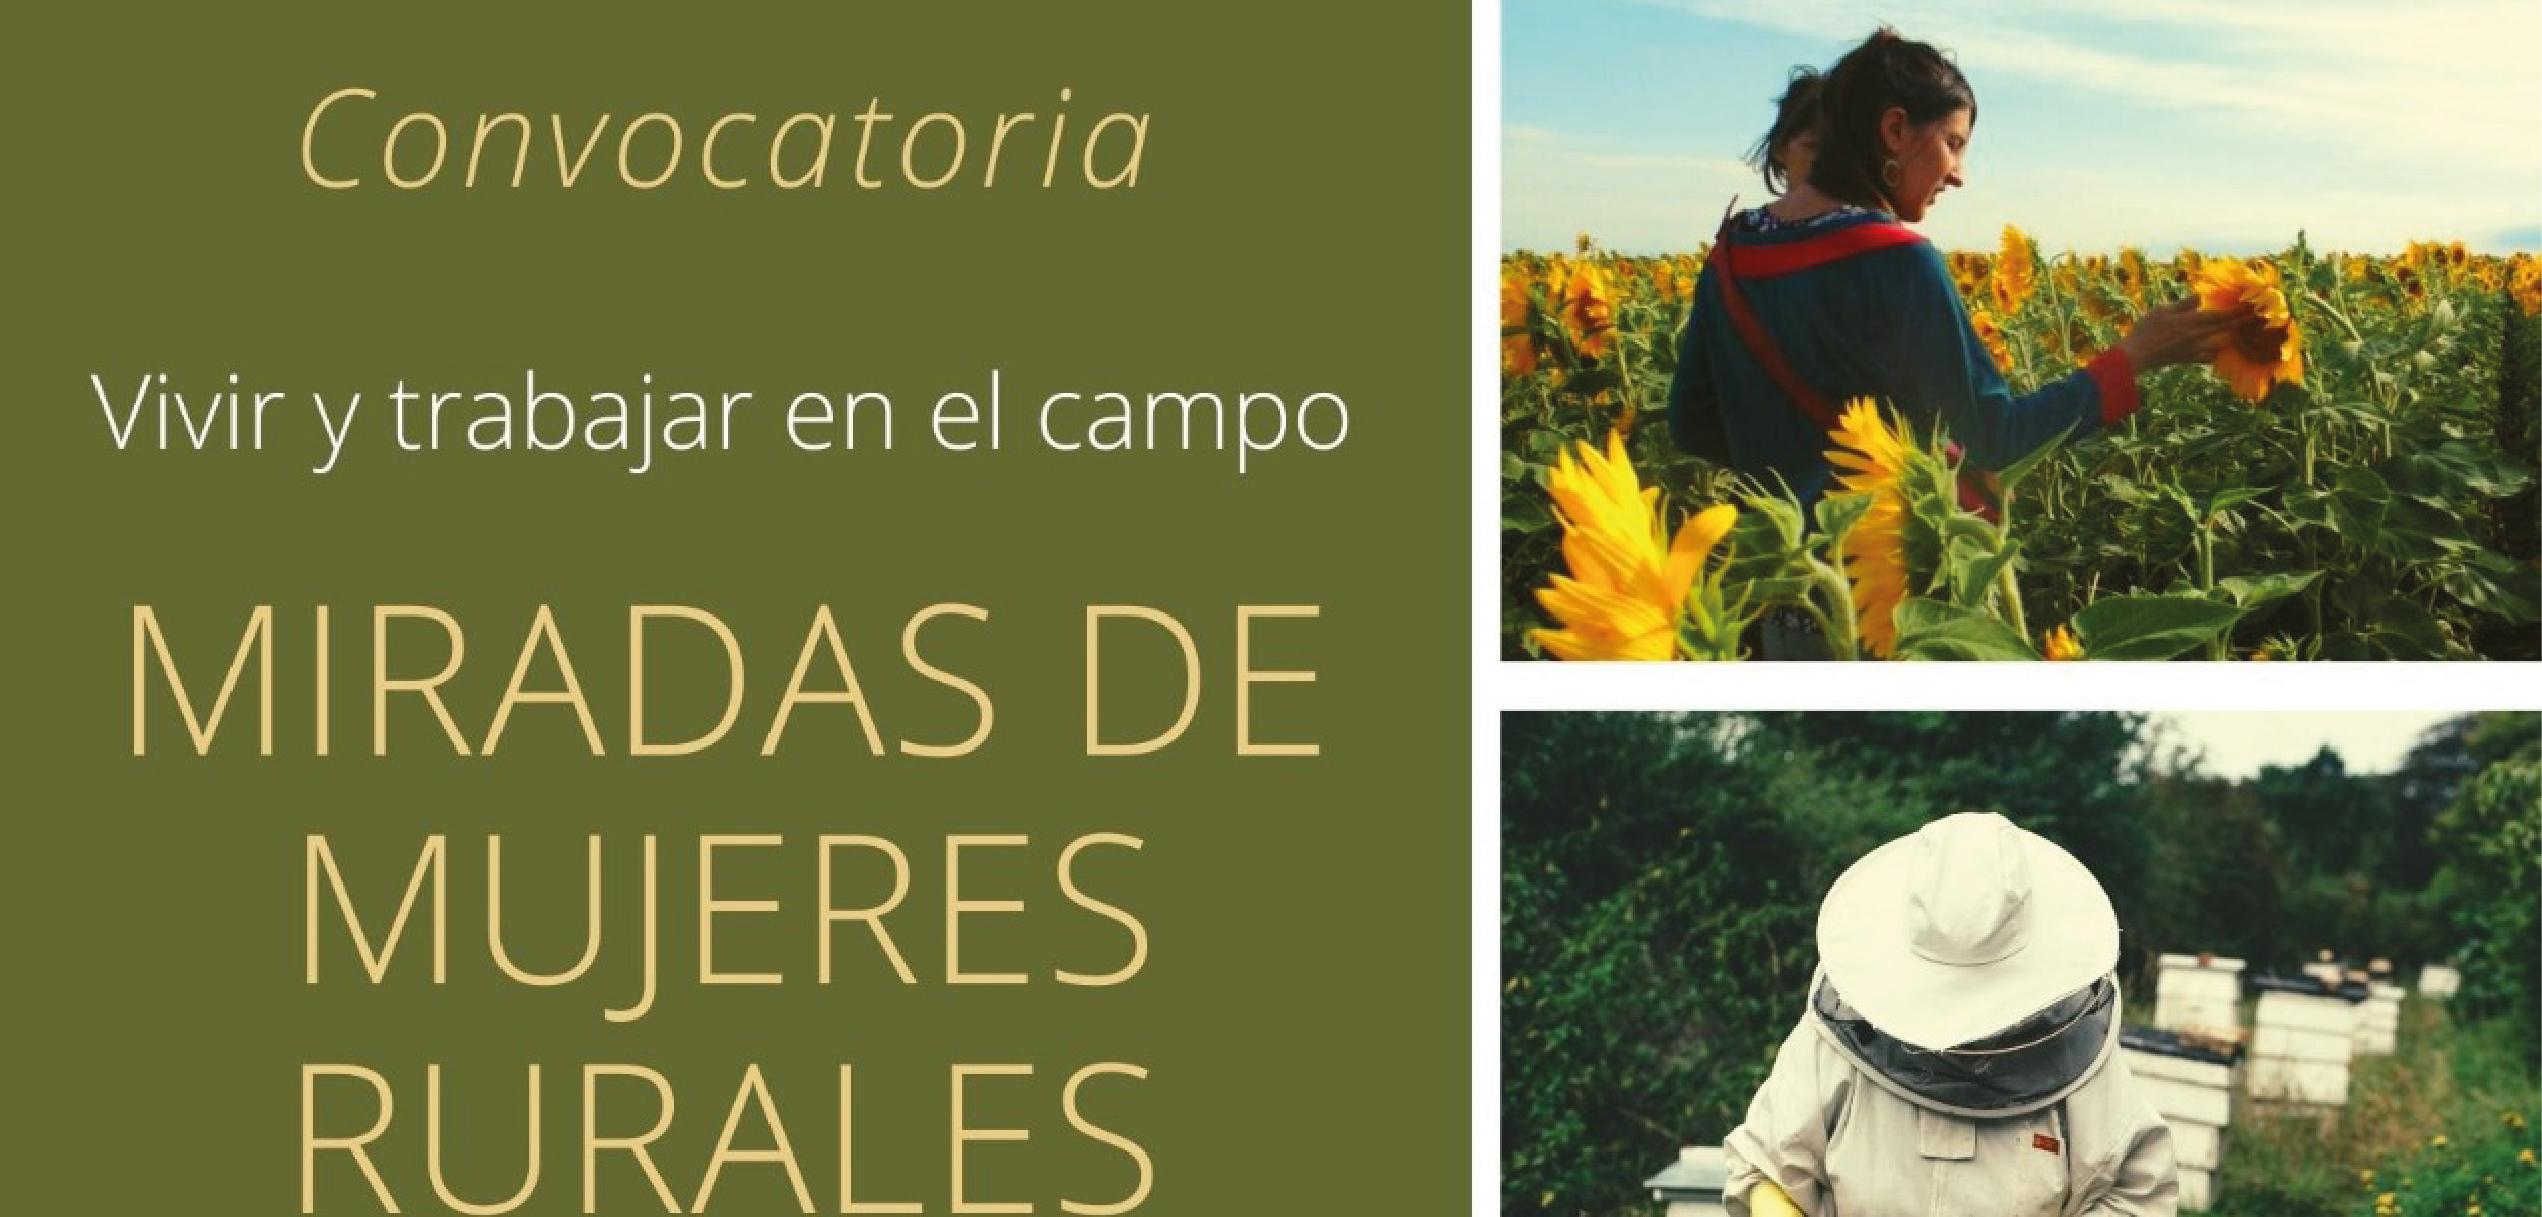 Convocatoria en el marco del Día internacional de las Mujeres Rurales